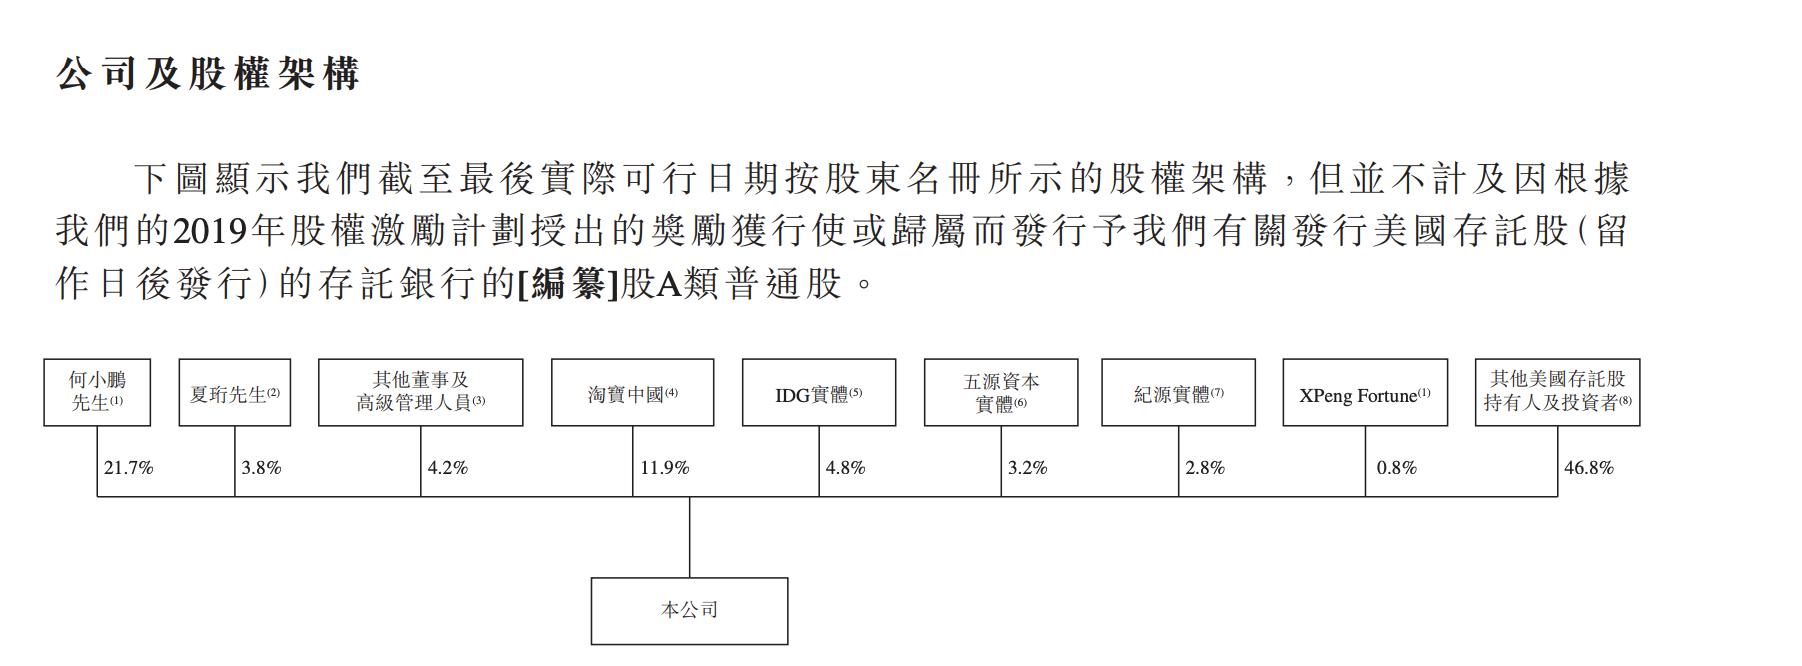 小鹏汽车通过港交所上市聆讯,第二大股东淘宝持股11.9%-第3张图片-汽车笔记网